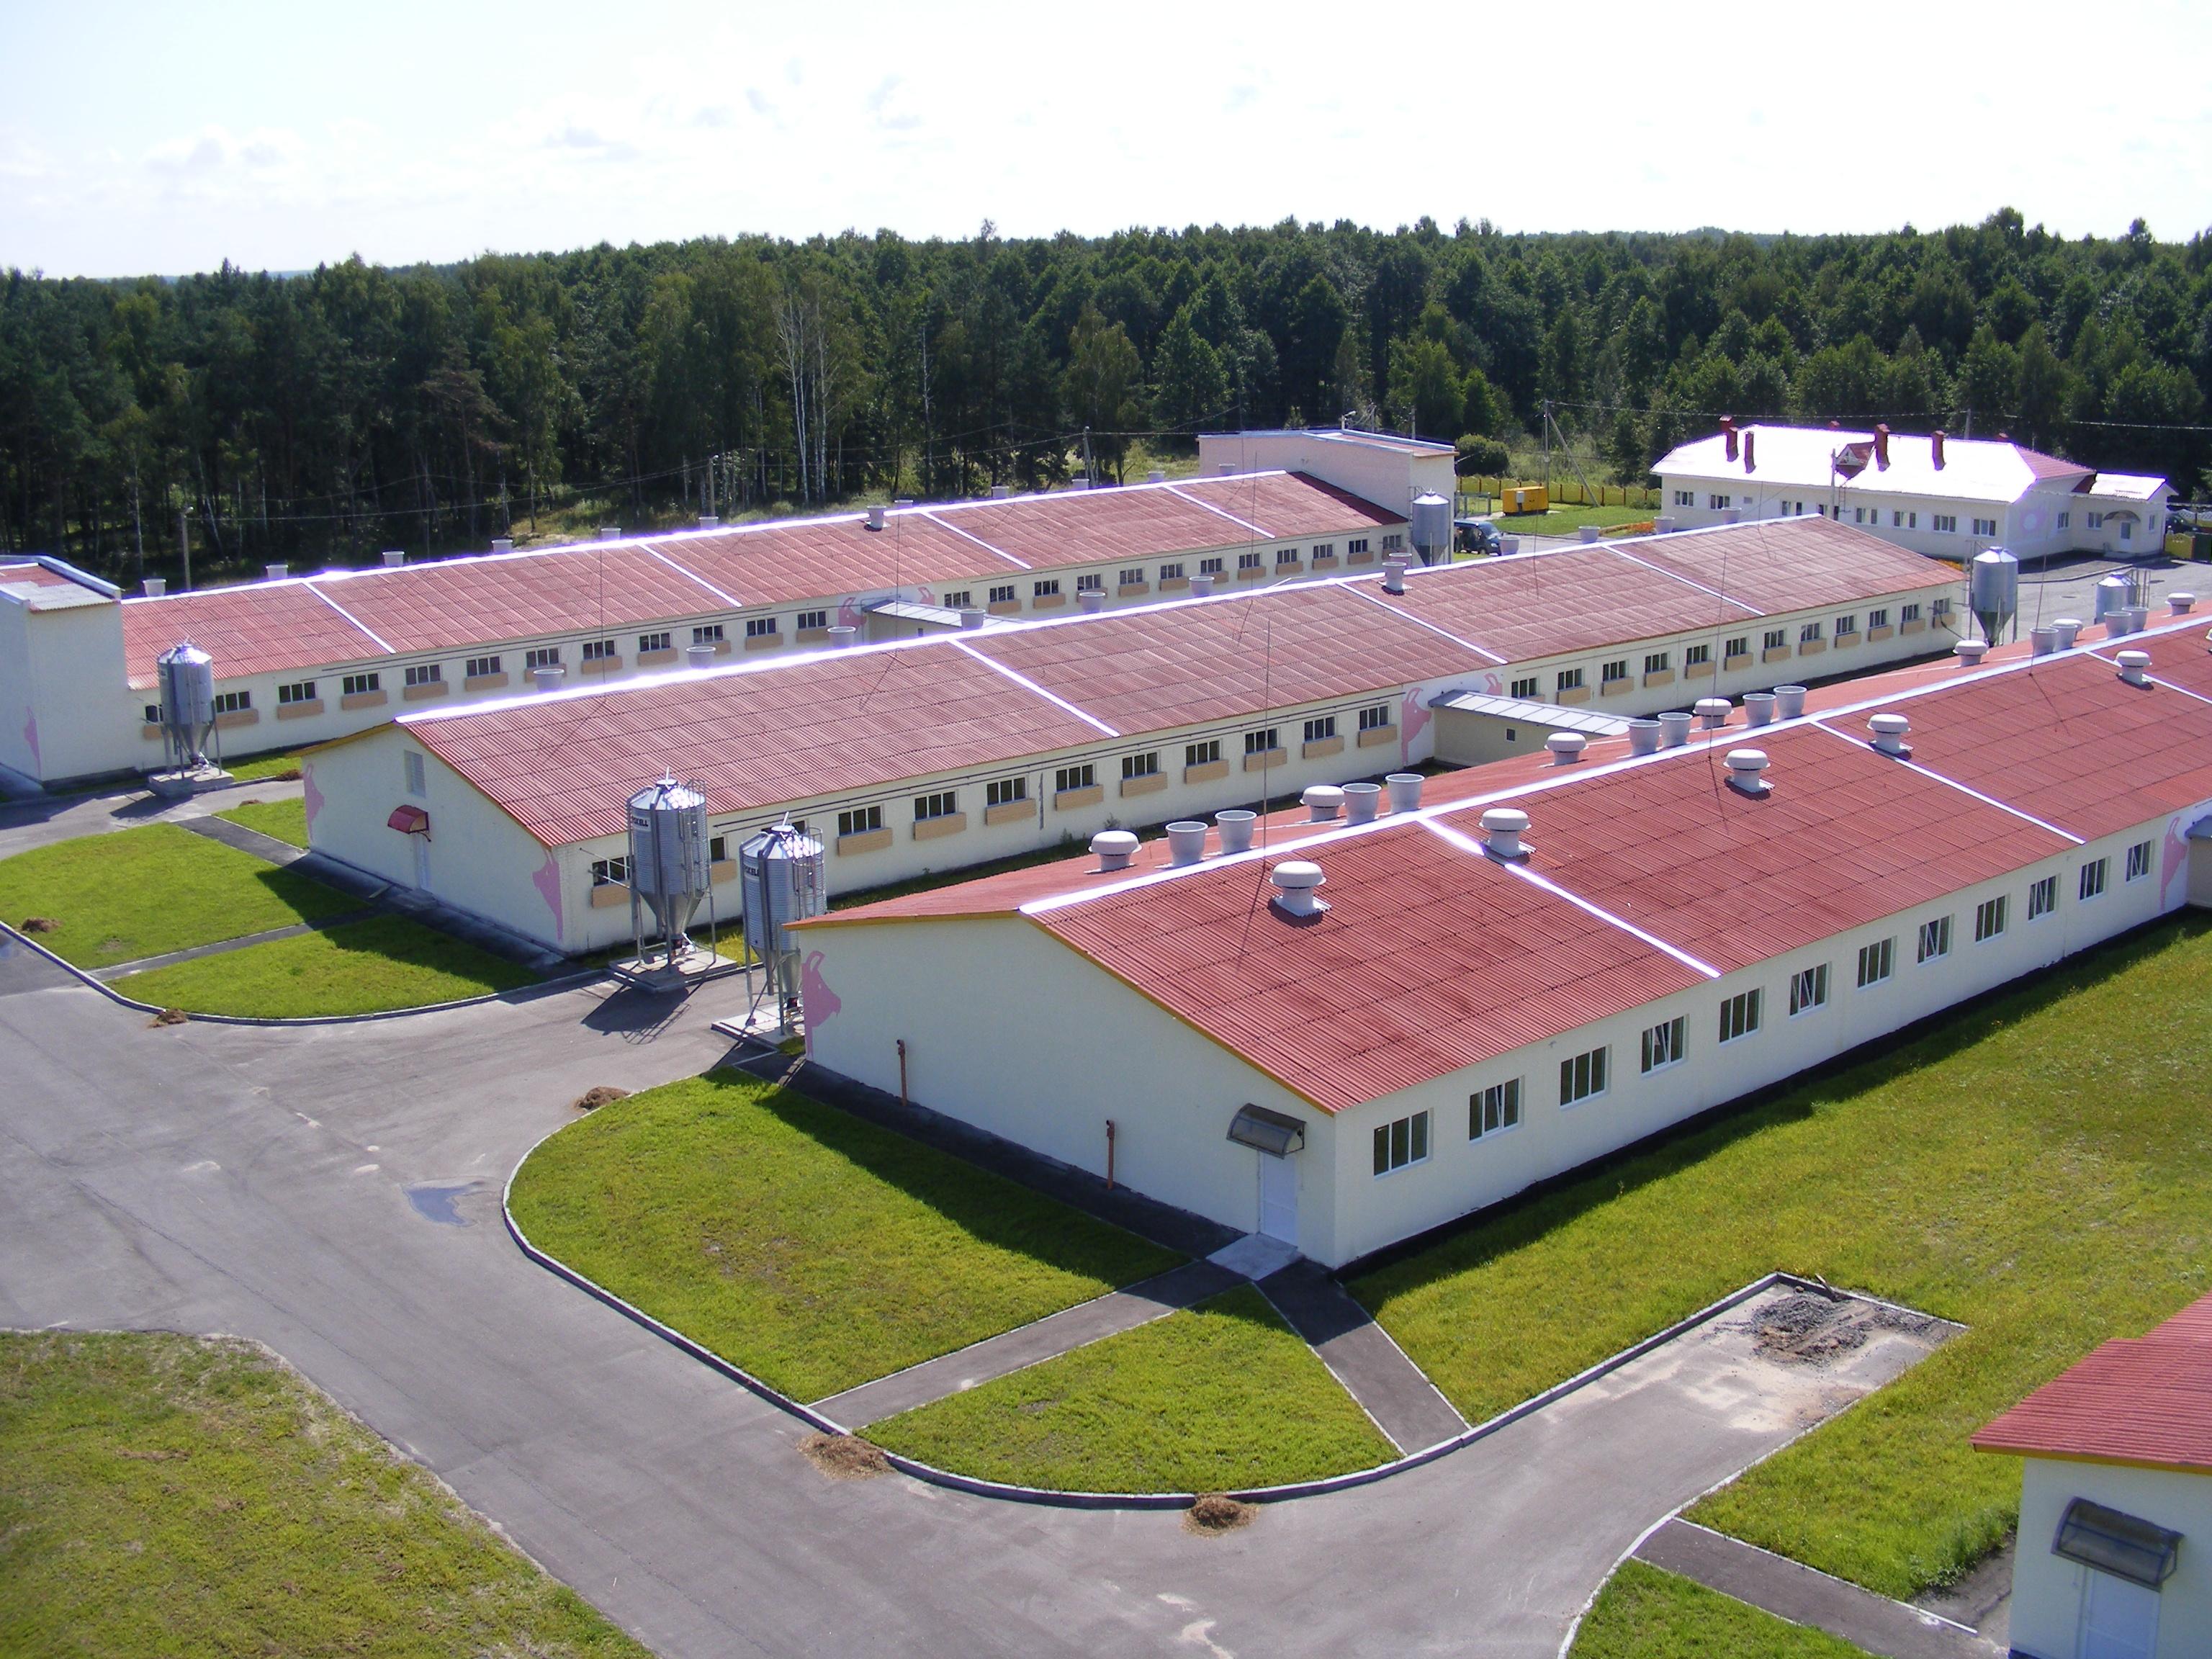 Селекционно-гибридный центр Мышанка, проектирование и оснащение свиноводческого комплекса под ключ